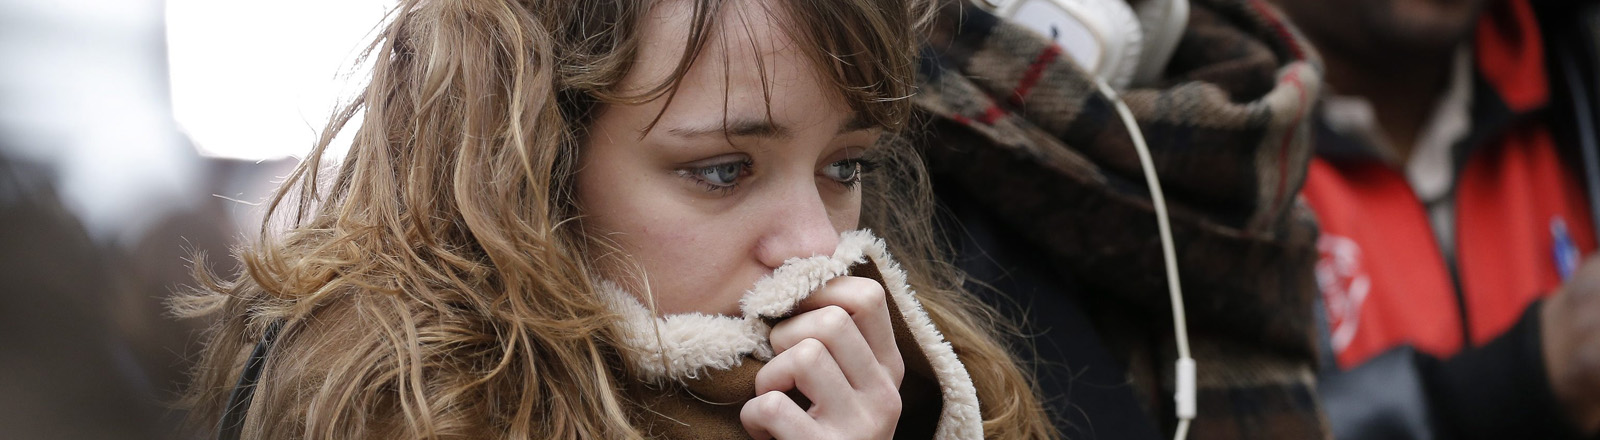 Menschen versammeln sich in Trauer in der Nähe des Bataclan-Theaters  in Paris